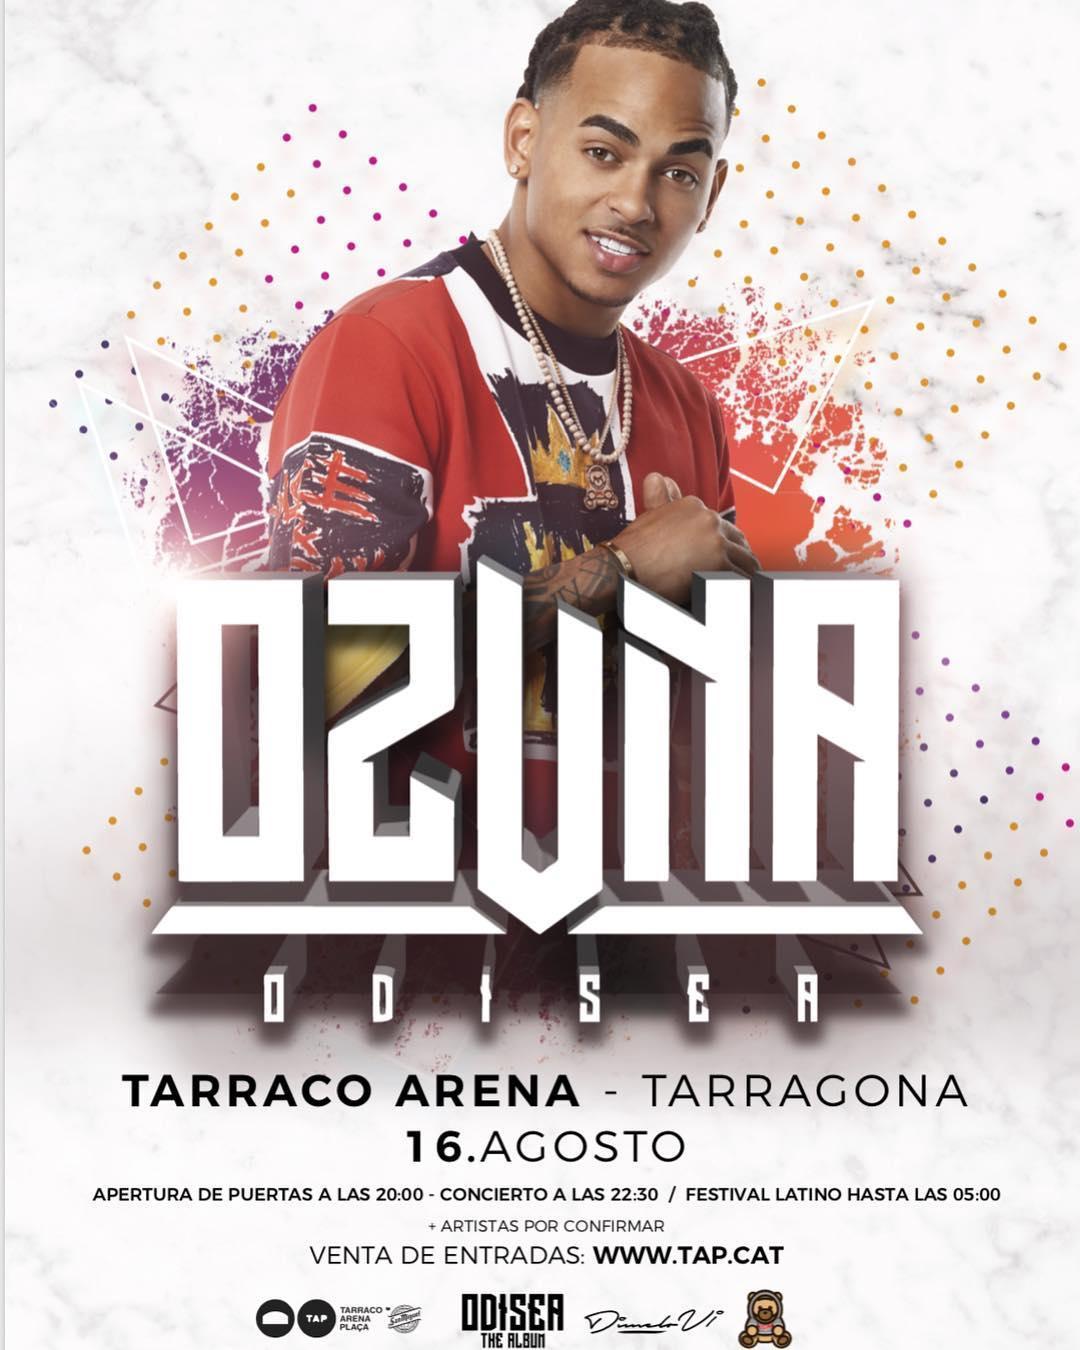 Concierto De Ozuna En Tarragona Comprar Entradas